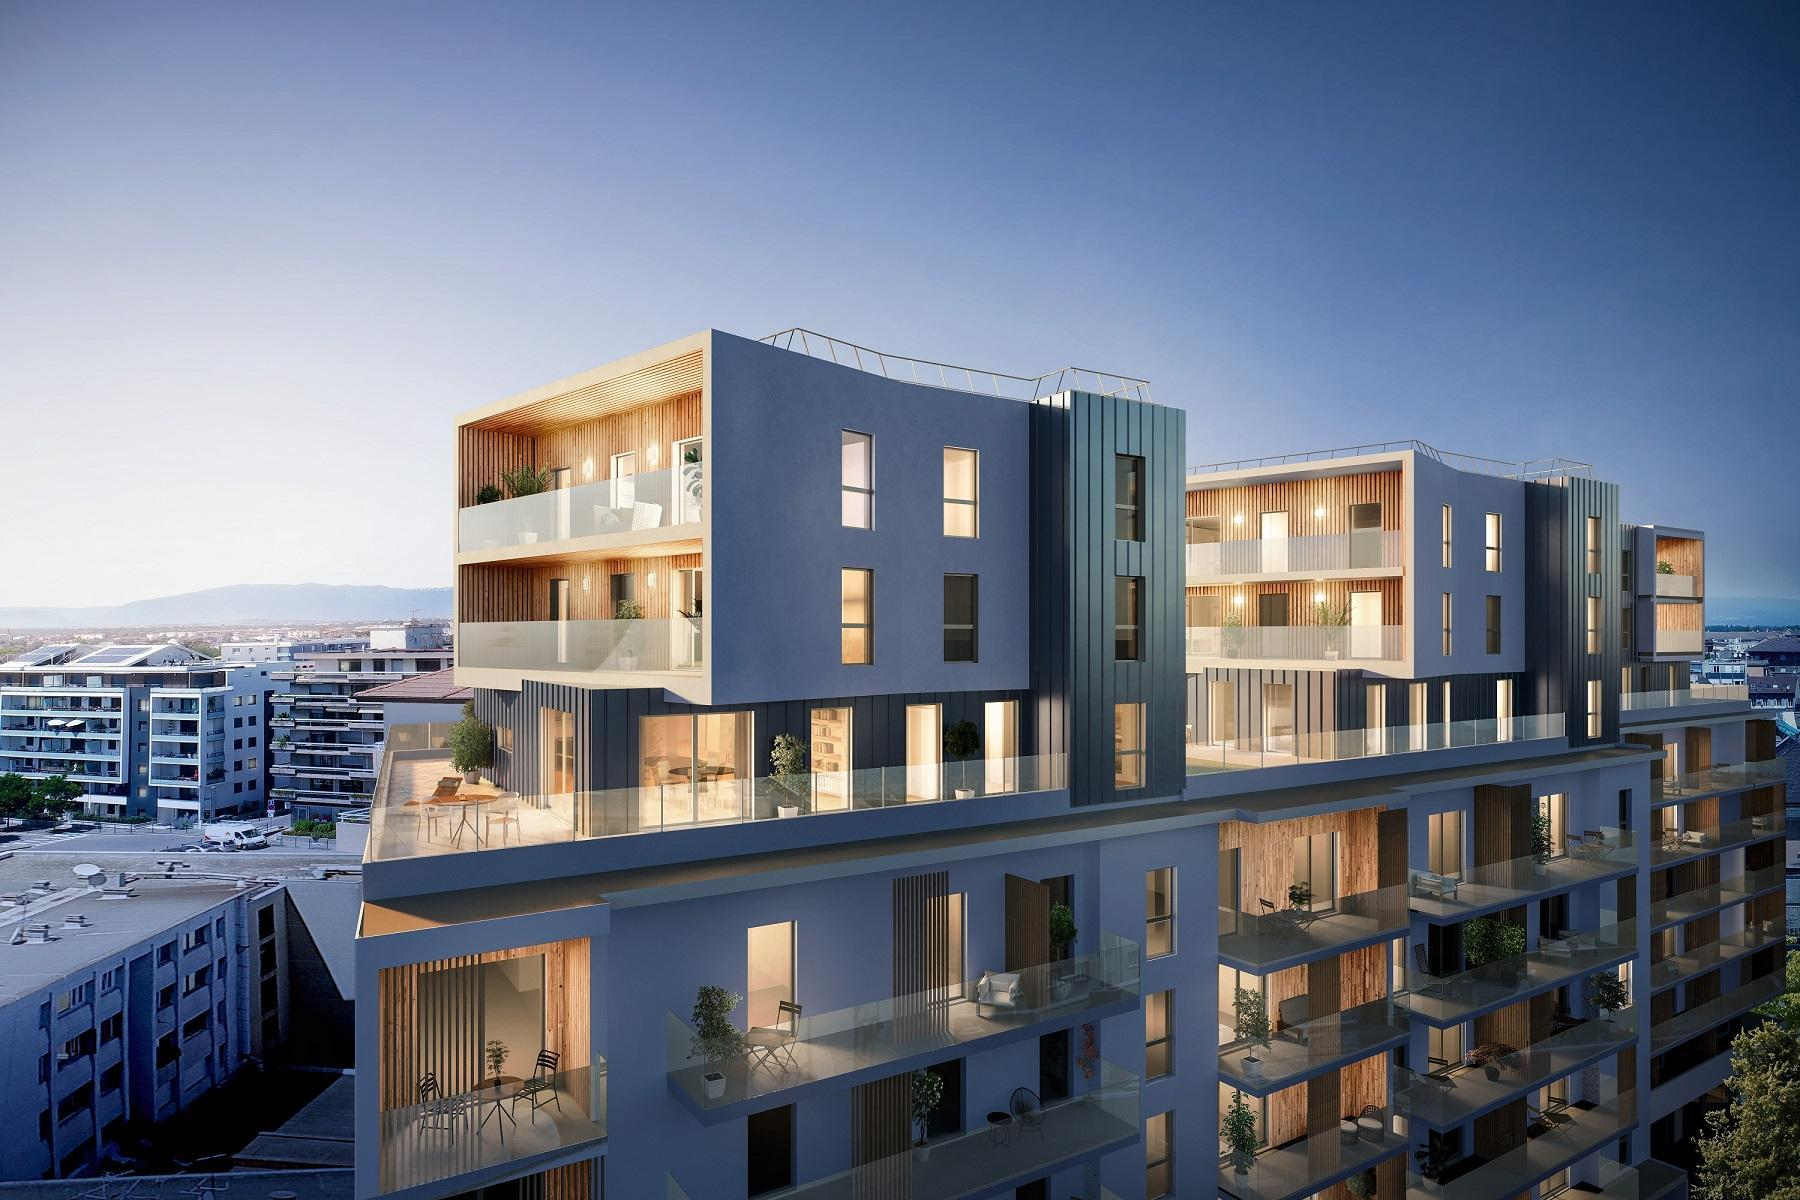 A terme, l'ancienne clinique de Savoie d'Annemasse va laisser place à un immeuble de neuf étages.